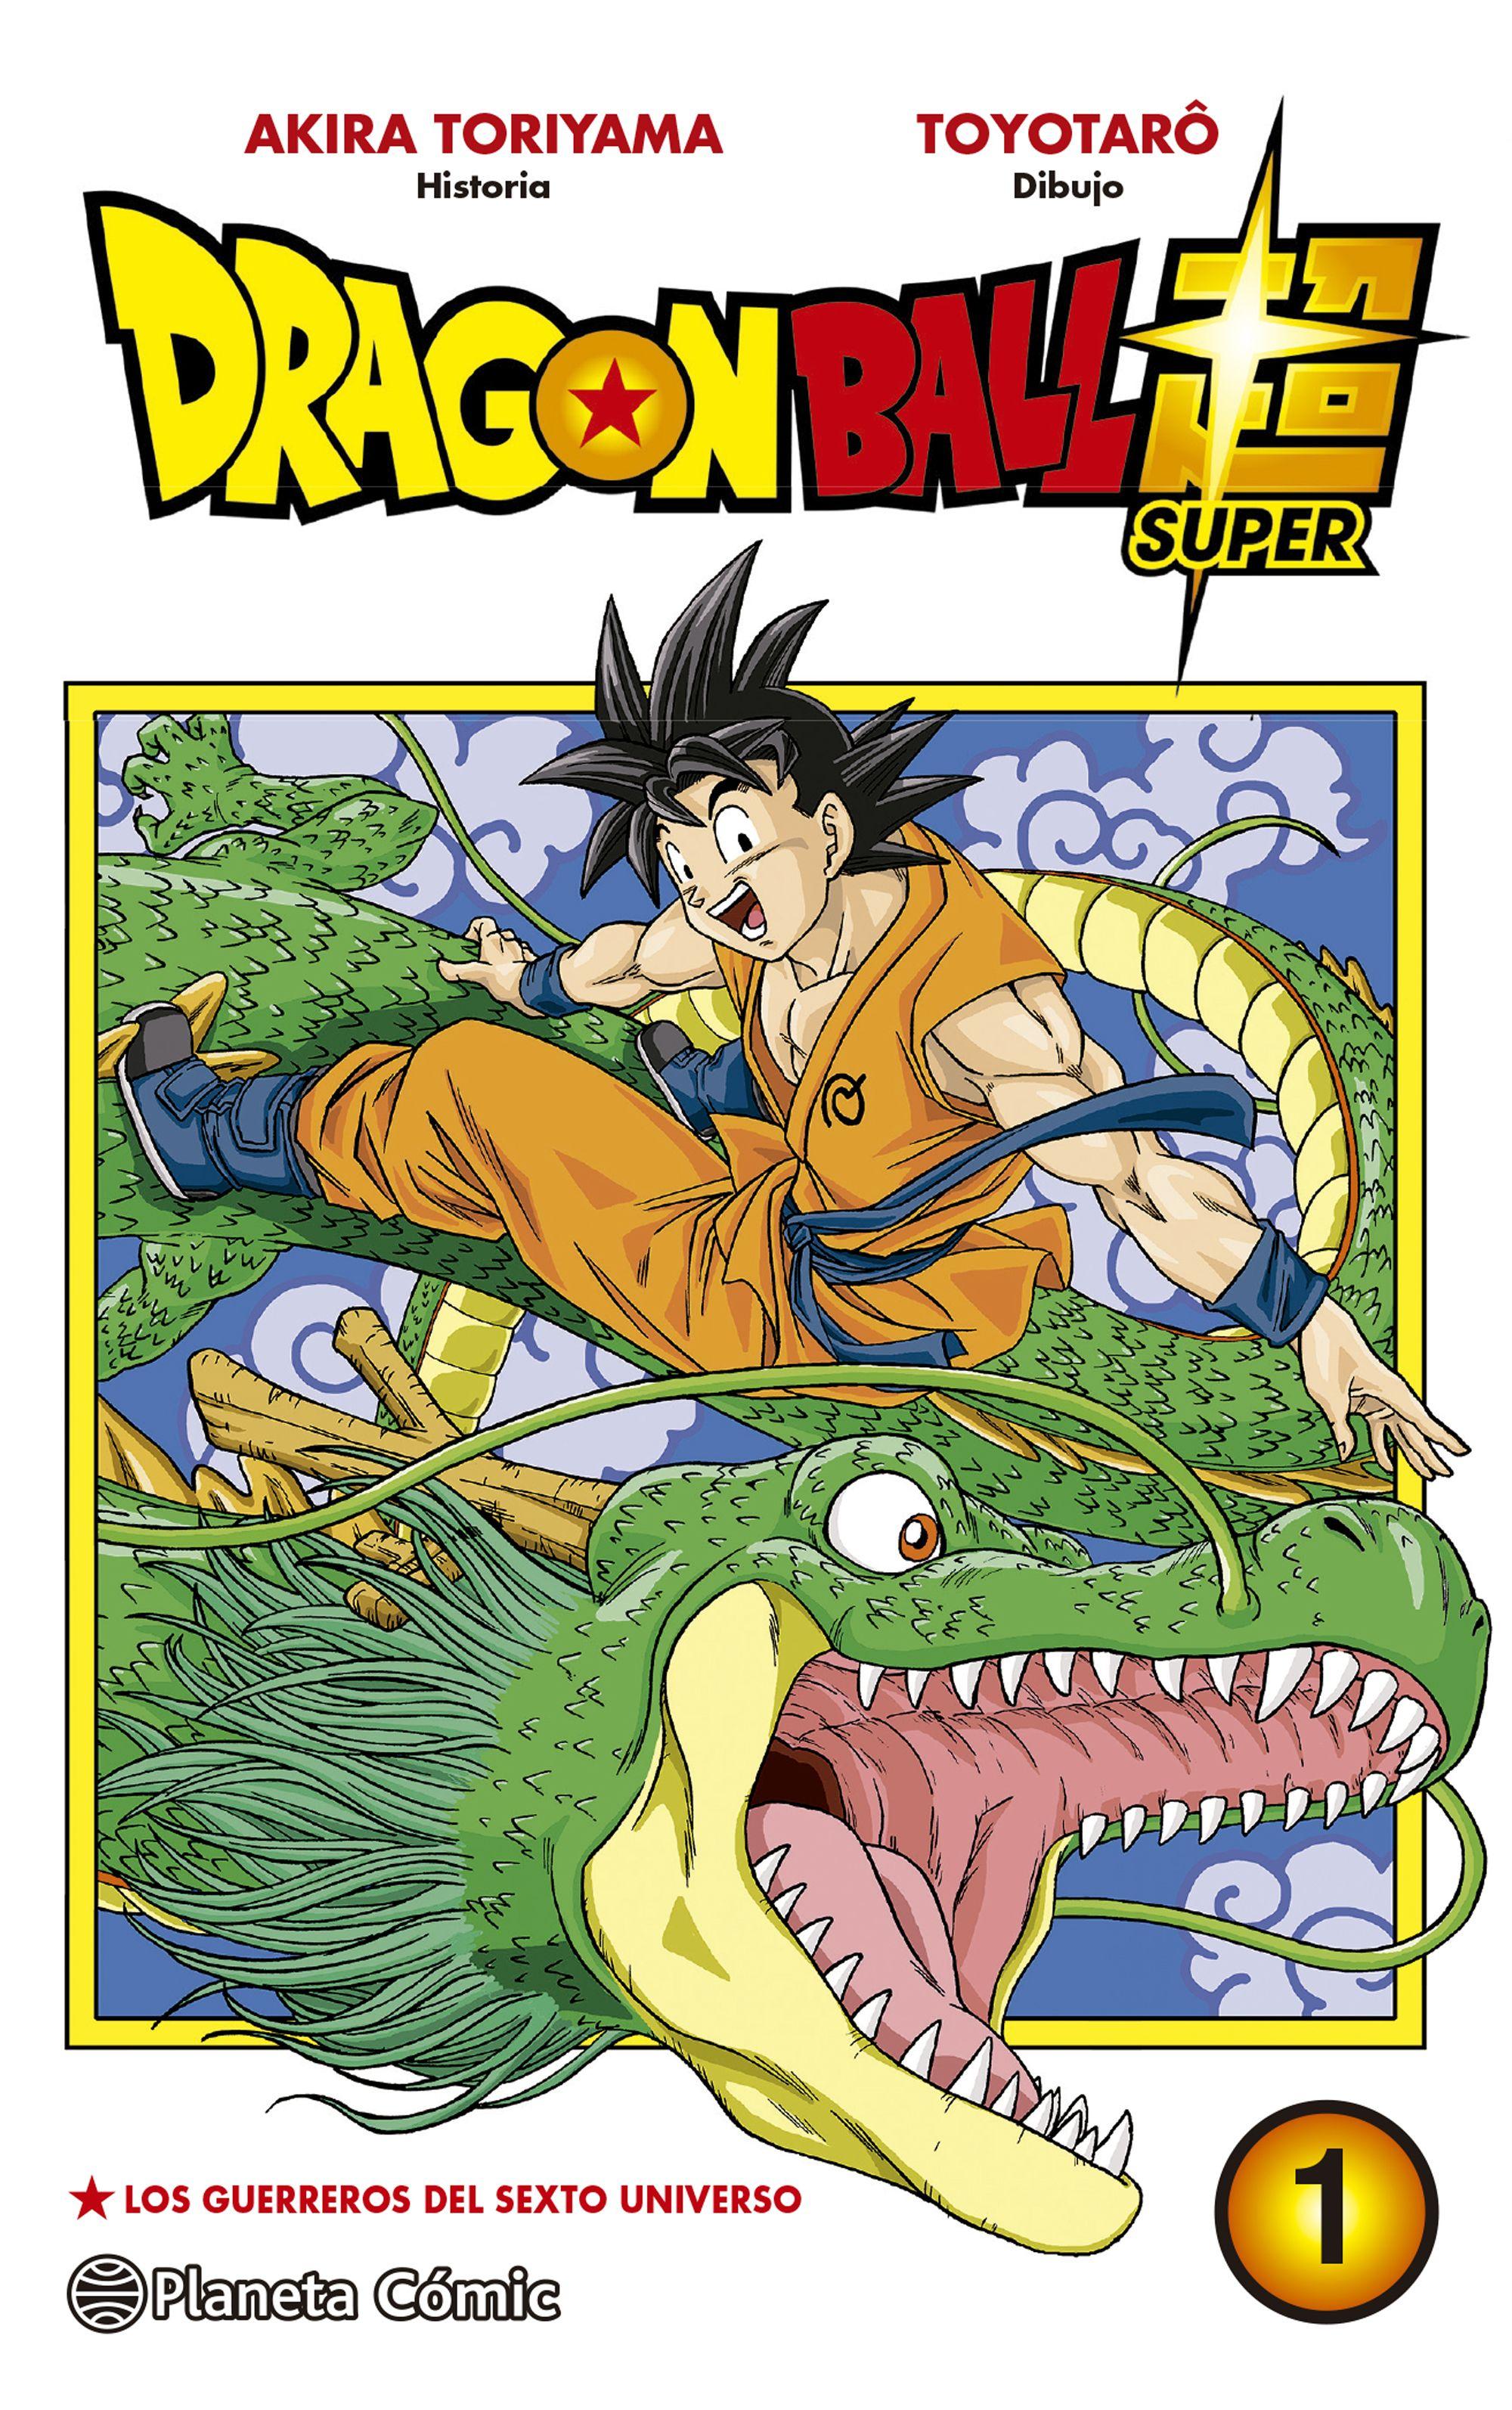 Post Oficial - Dragon Broly Super - 8 de octubre Tomo 4. - Página 15 Portada_dragon-ball-super-n-01_akira-toriyama_201709291229